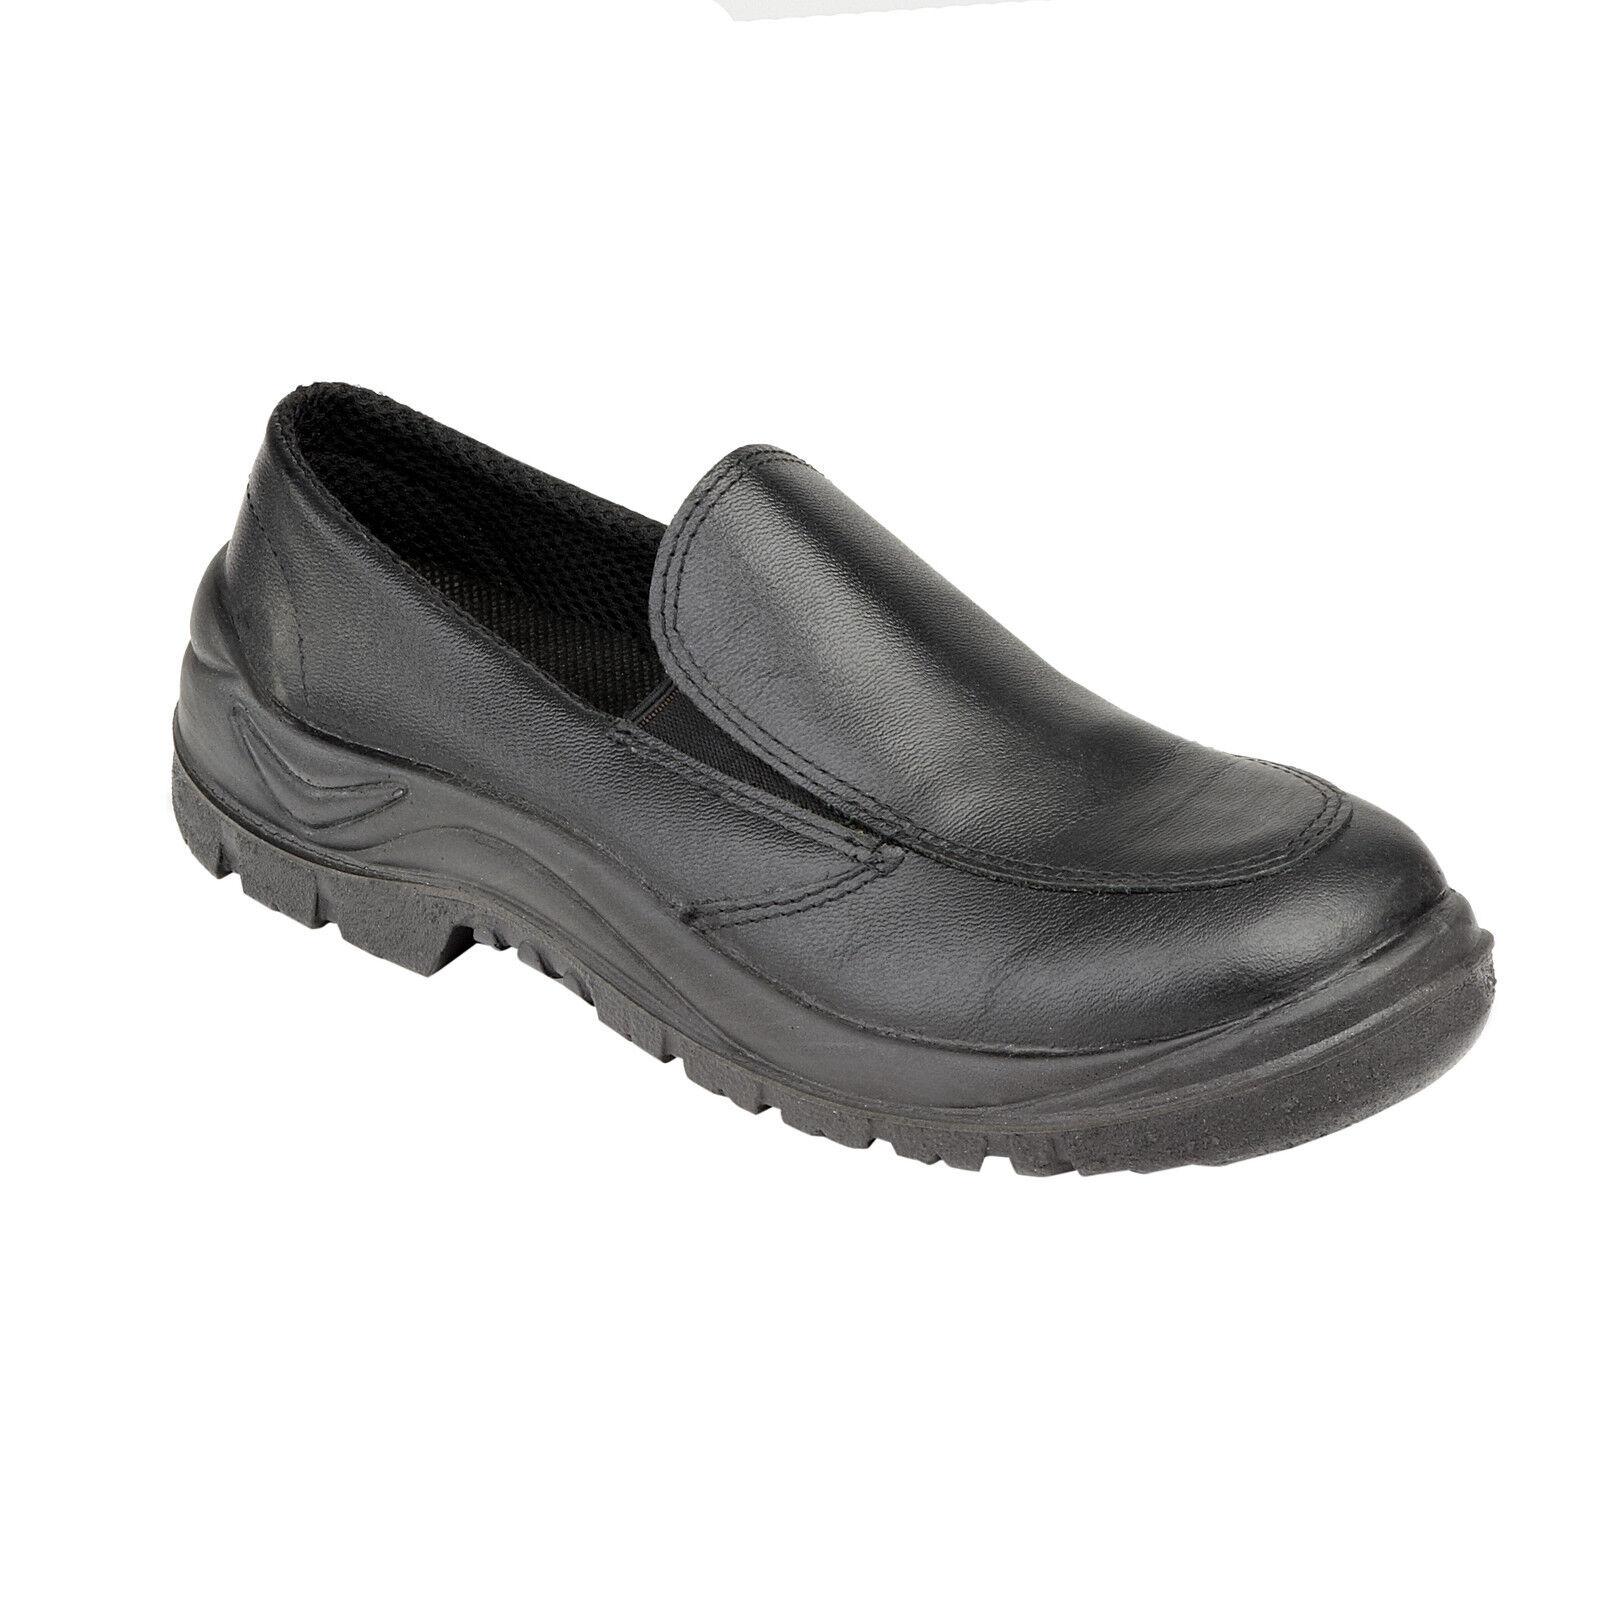 Tuffking 4506 S1 pelle nera punta in acciaio PAC onorevoli uniforme Mocassini Scarpe di sicurezza